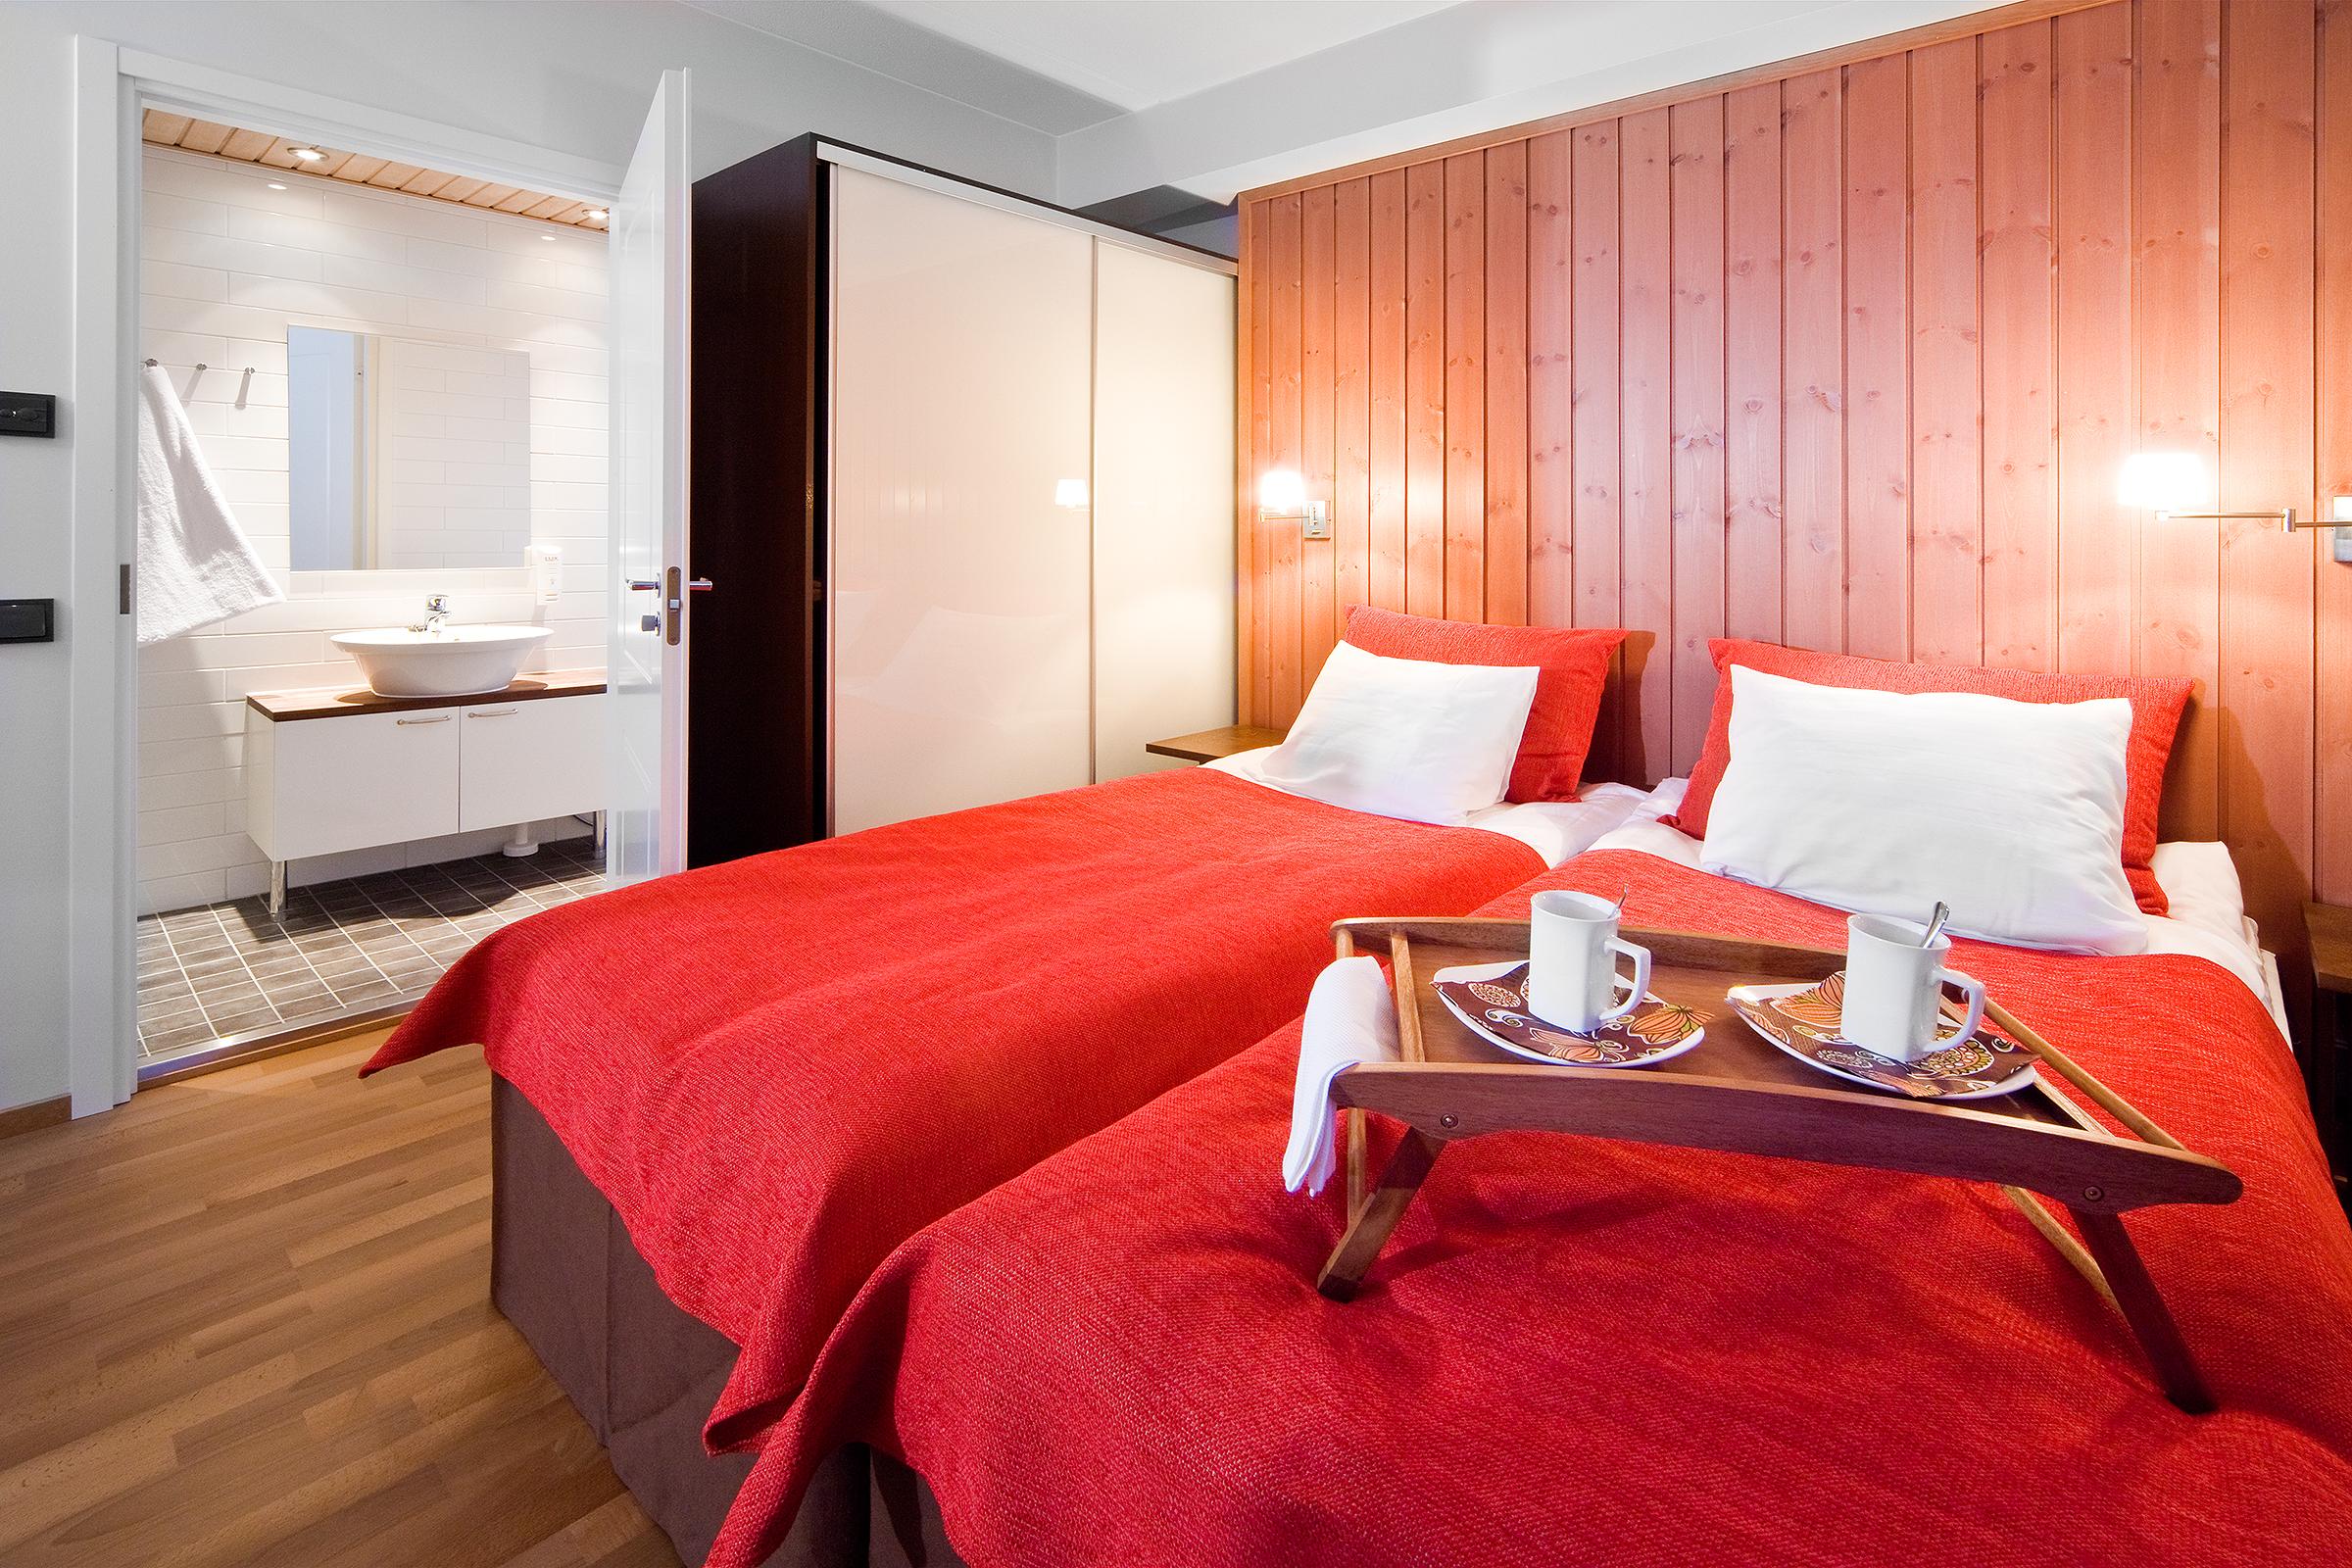 Direkt Neben Dem Wohnzimmer Befindet Sich Das Luxuriöse Badezimmer.